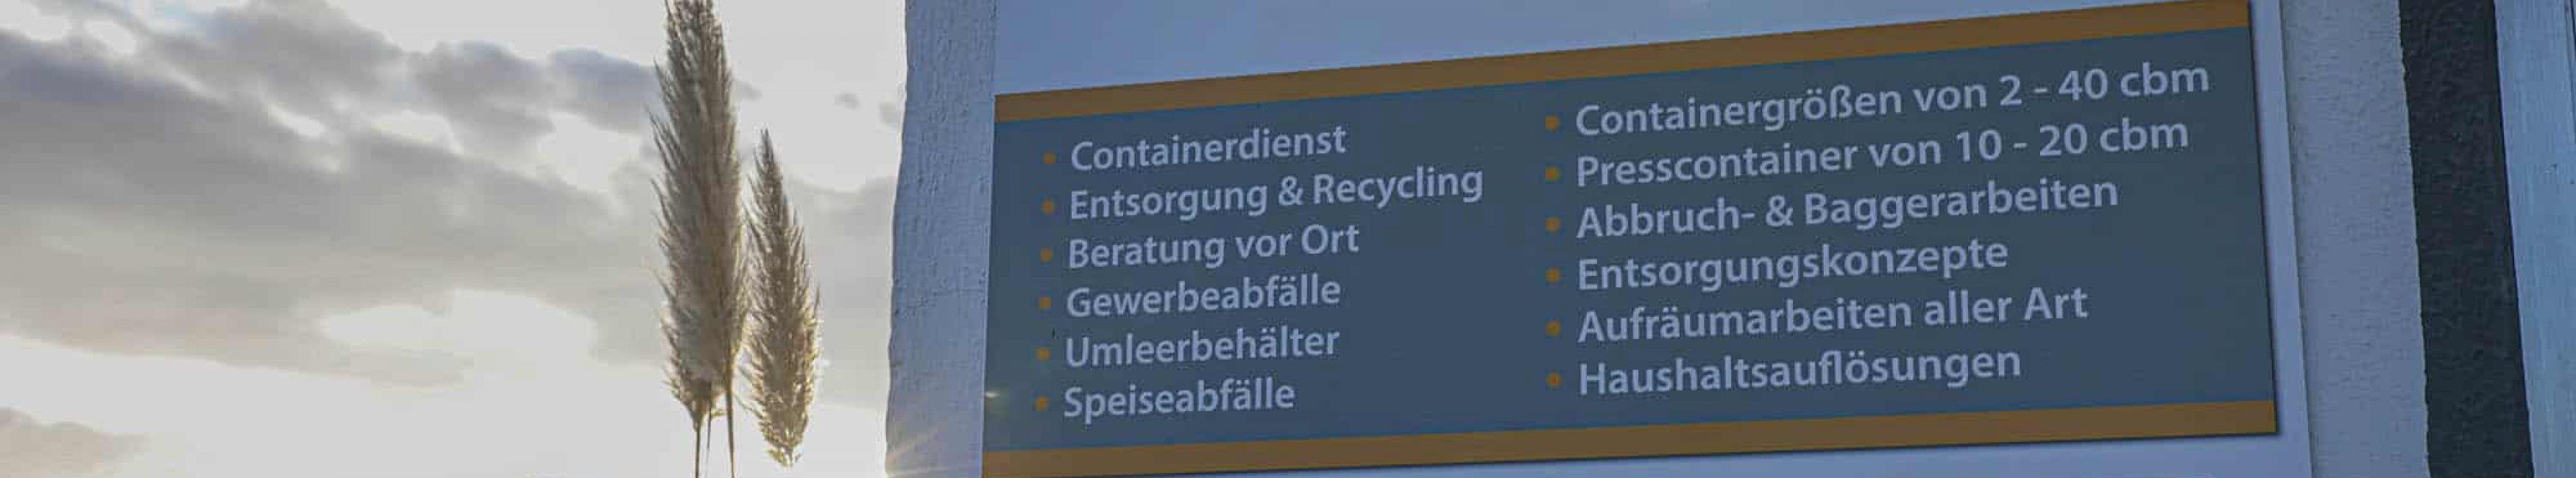 Nachhaltige Abfallentsorgung in Frankfurt